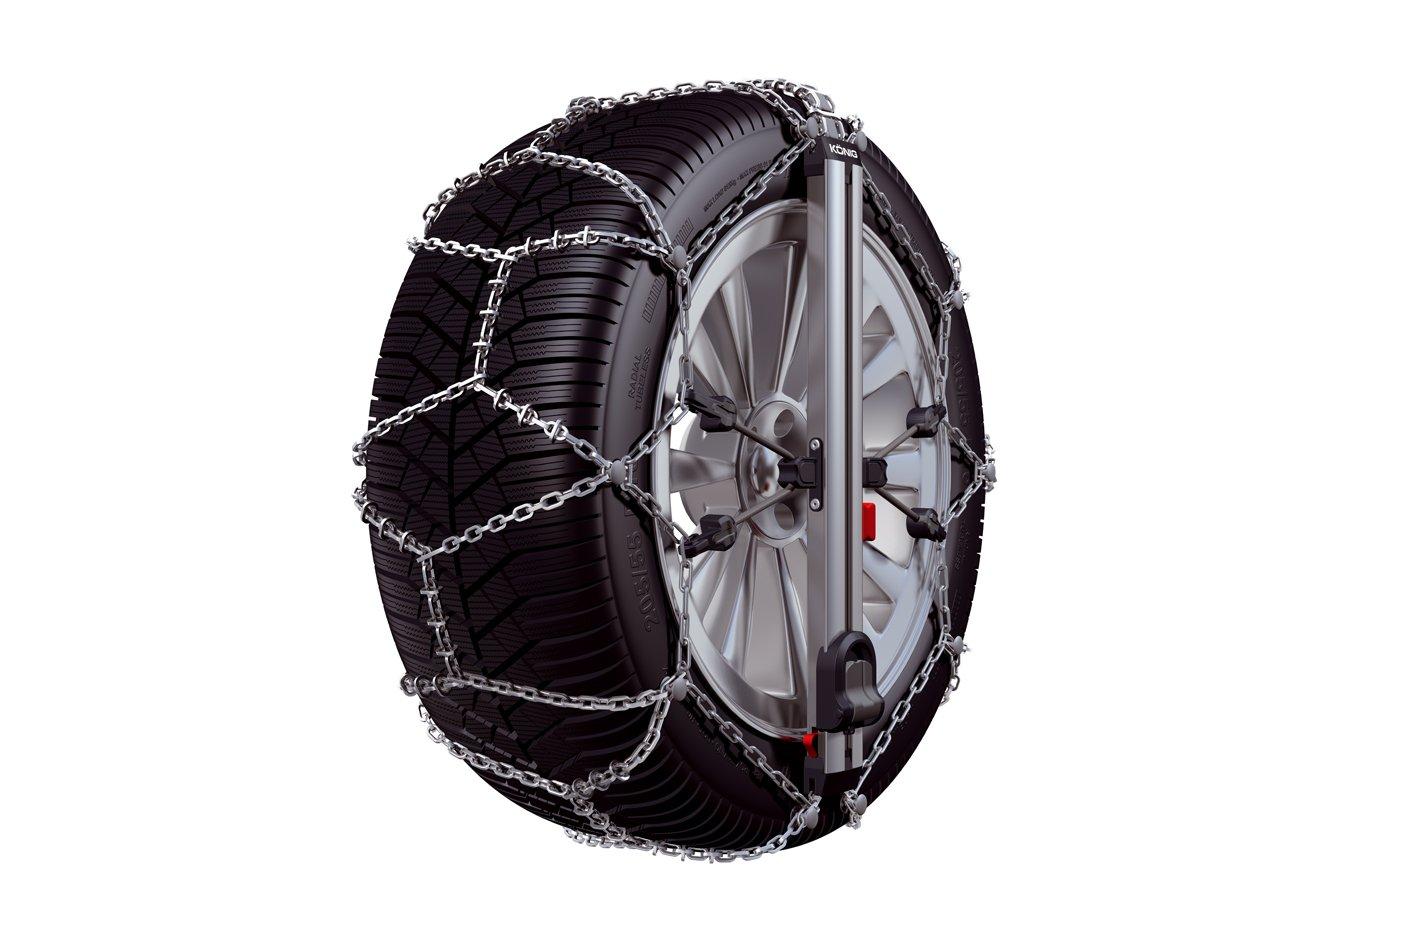 K/ÖNIG EASY-FIT CU-10 104 Snow chains set of 2